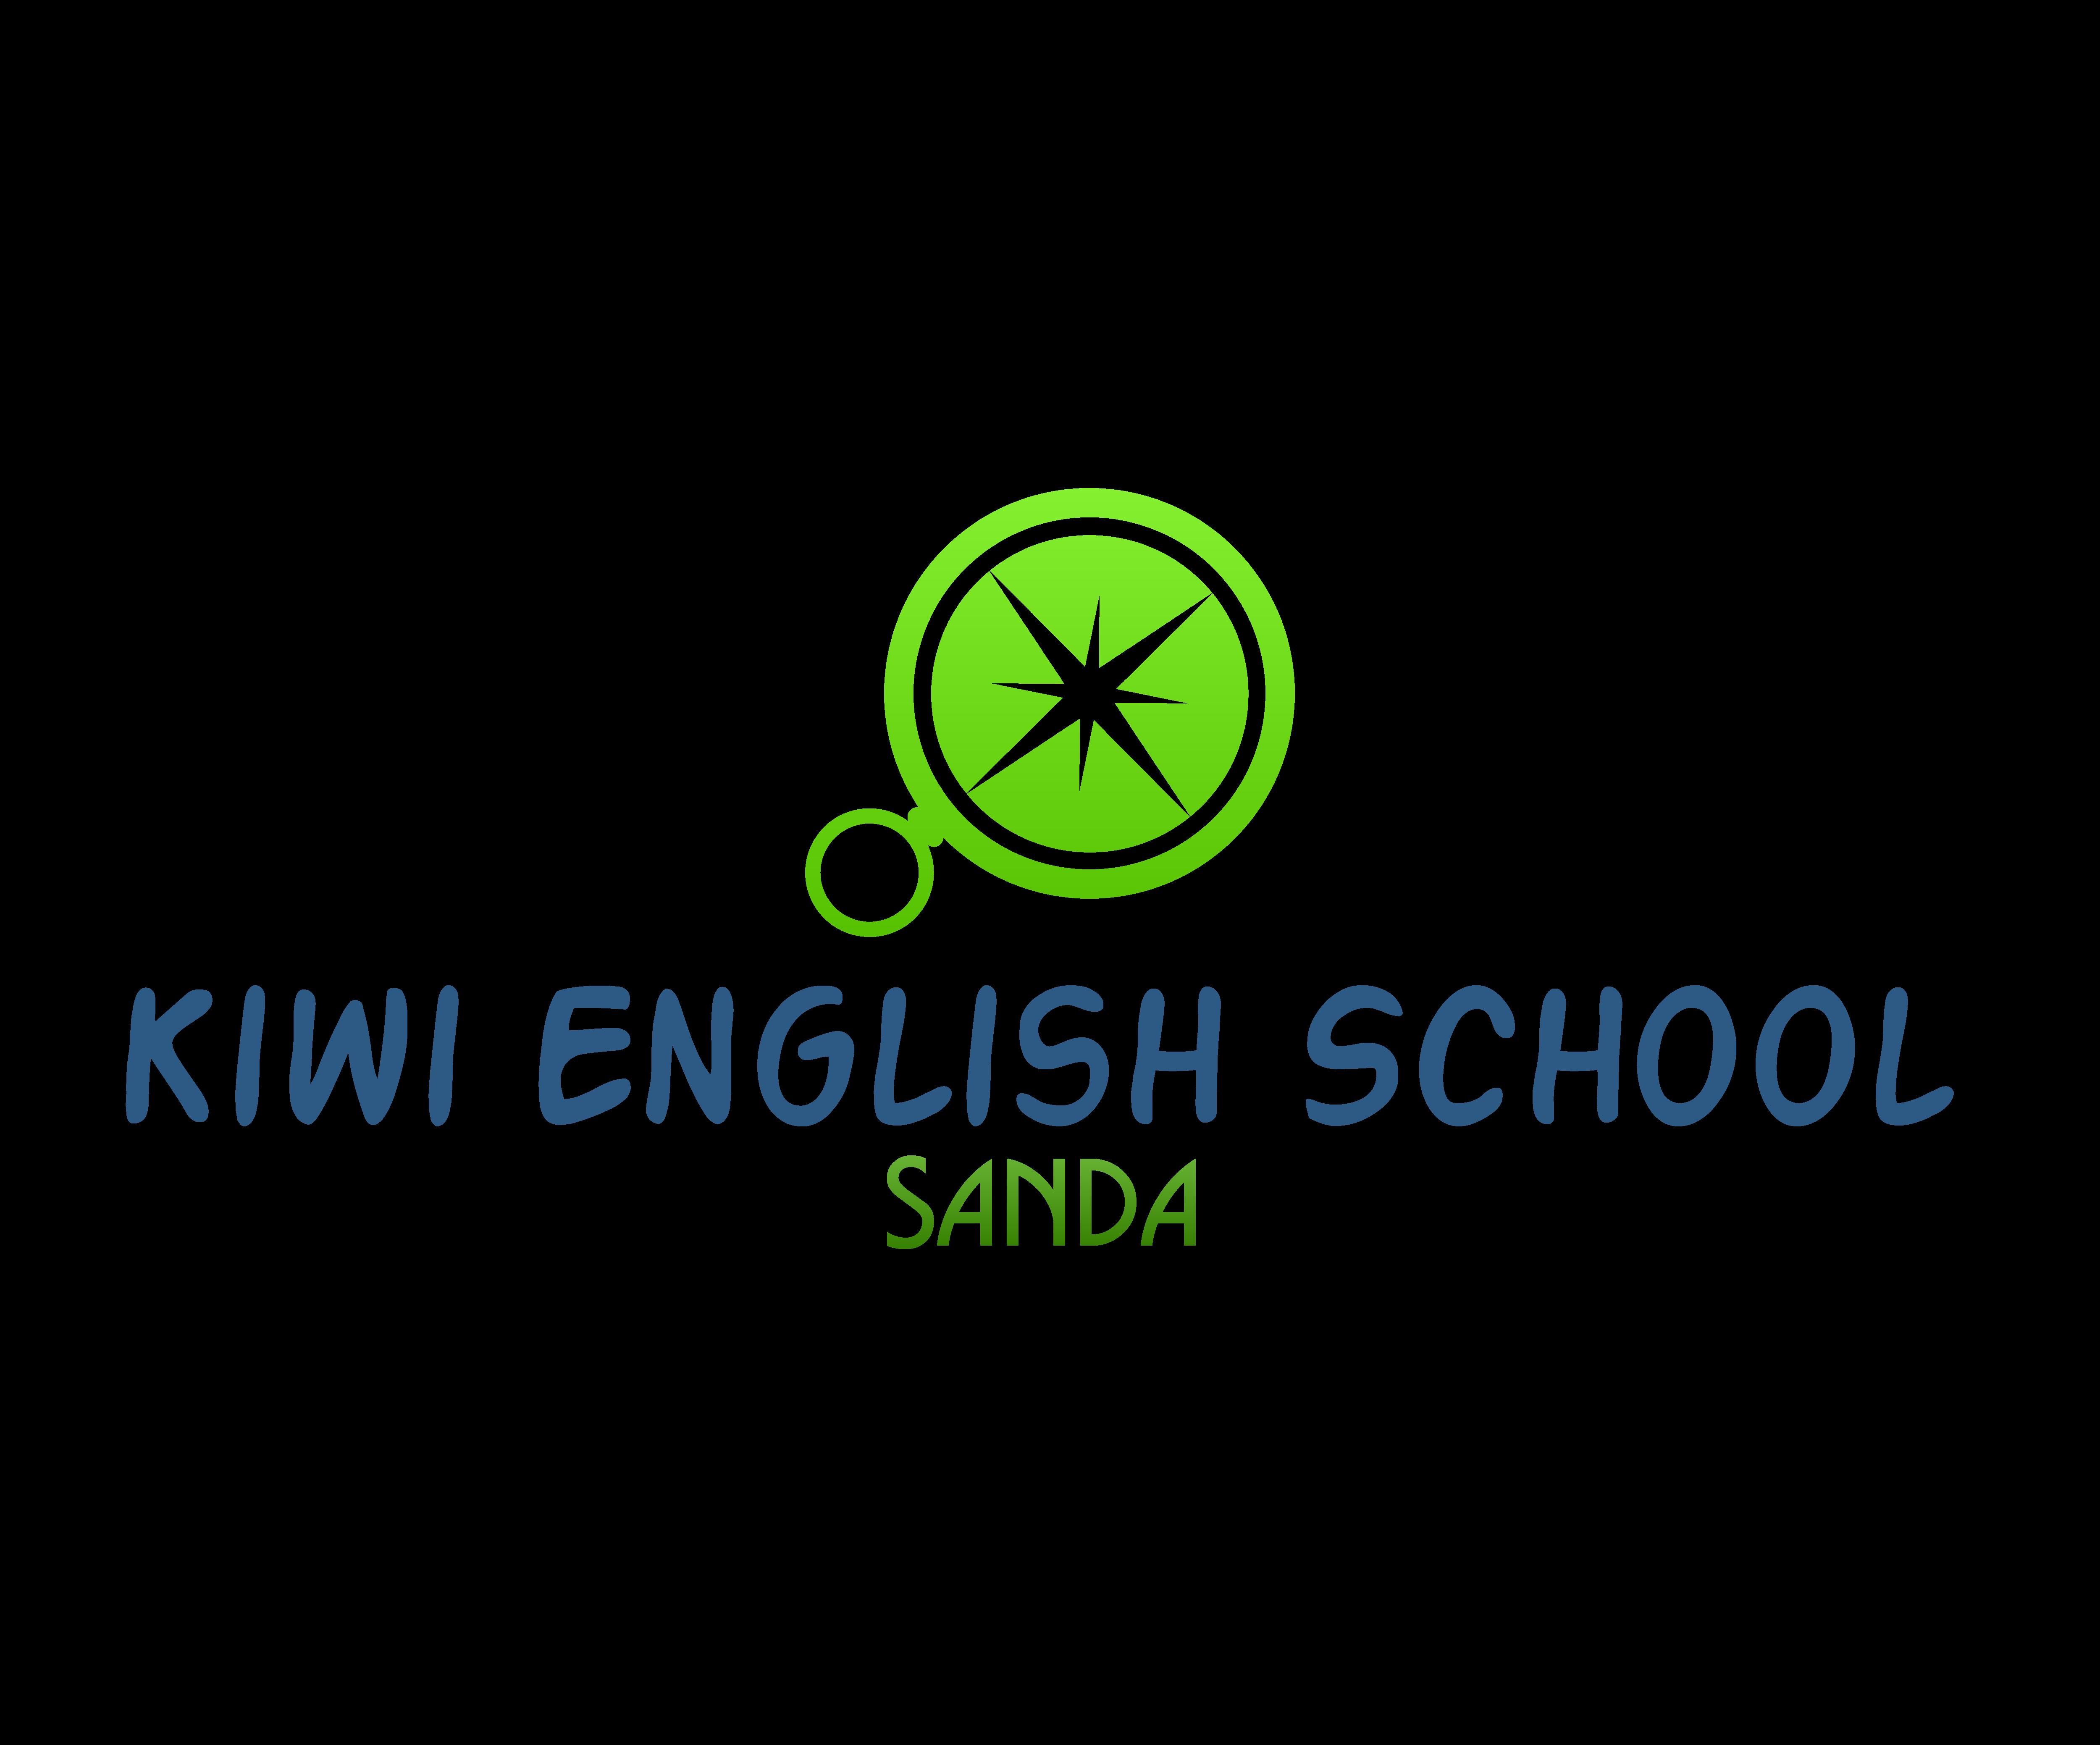 キウイイングリッシュスクールSANDA